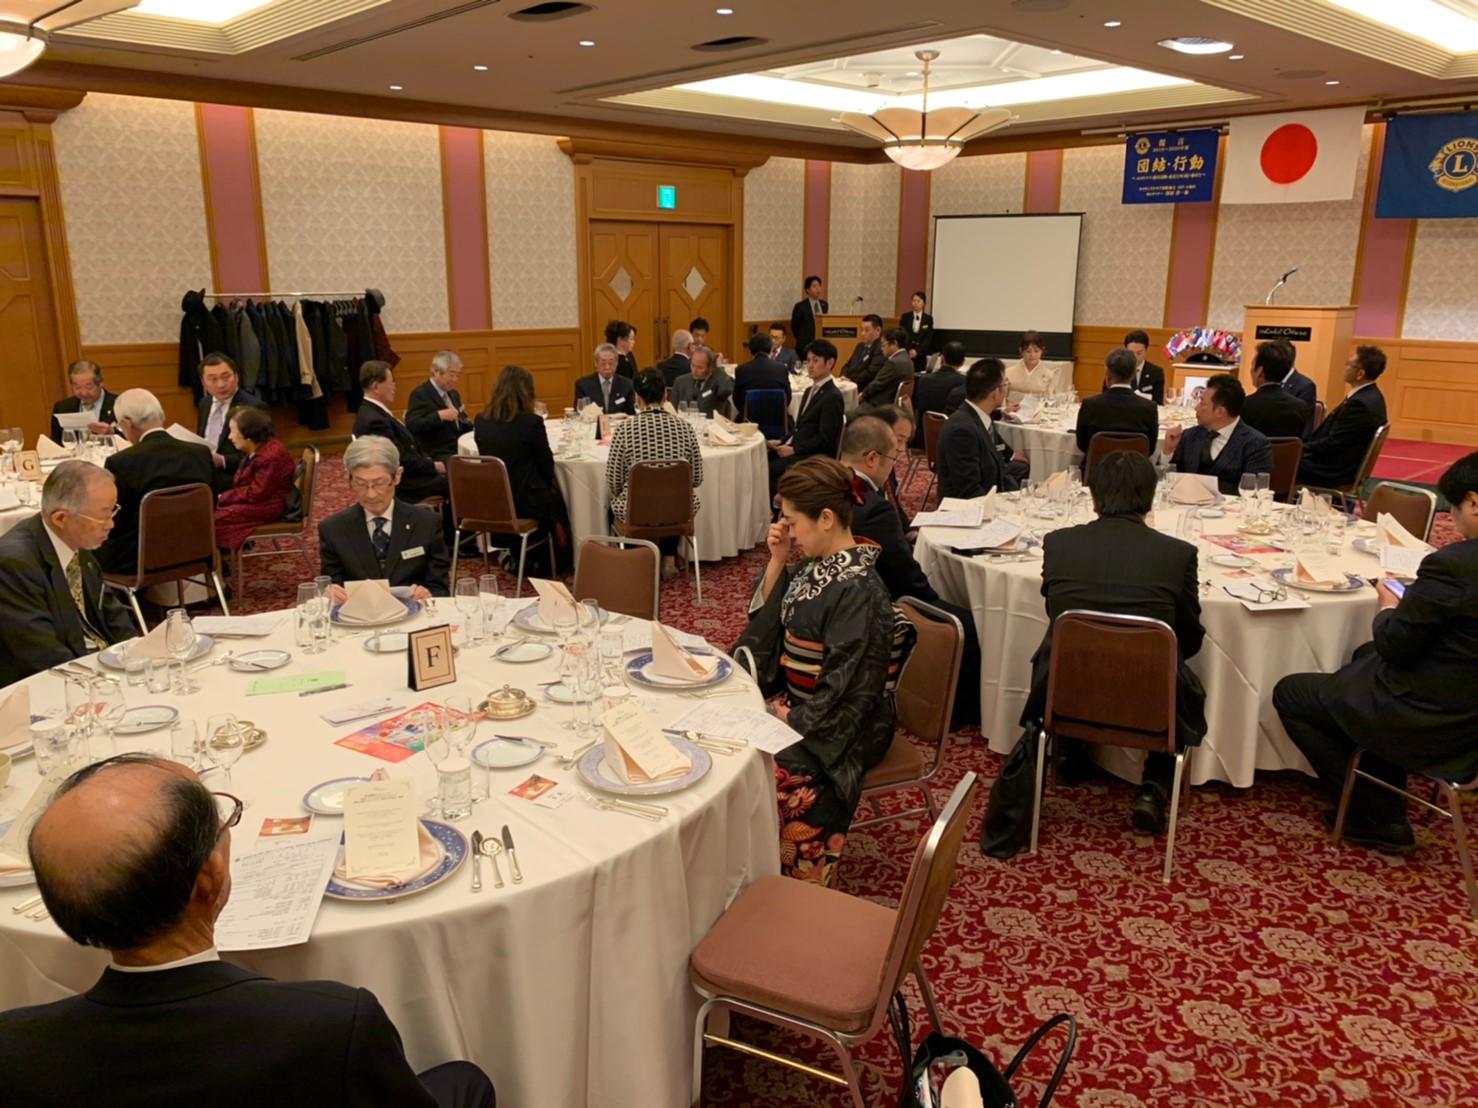 20200109-福岡鶴城LC、福岡ベイシティ21LC、福岡大樹LC、3クラブ合同新年会